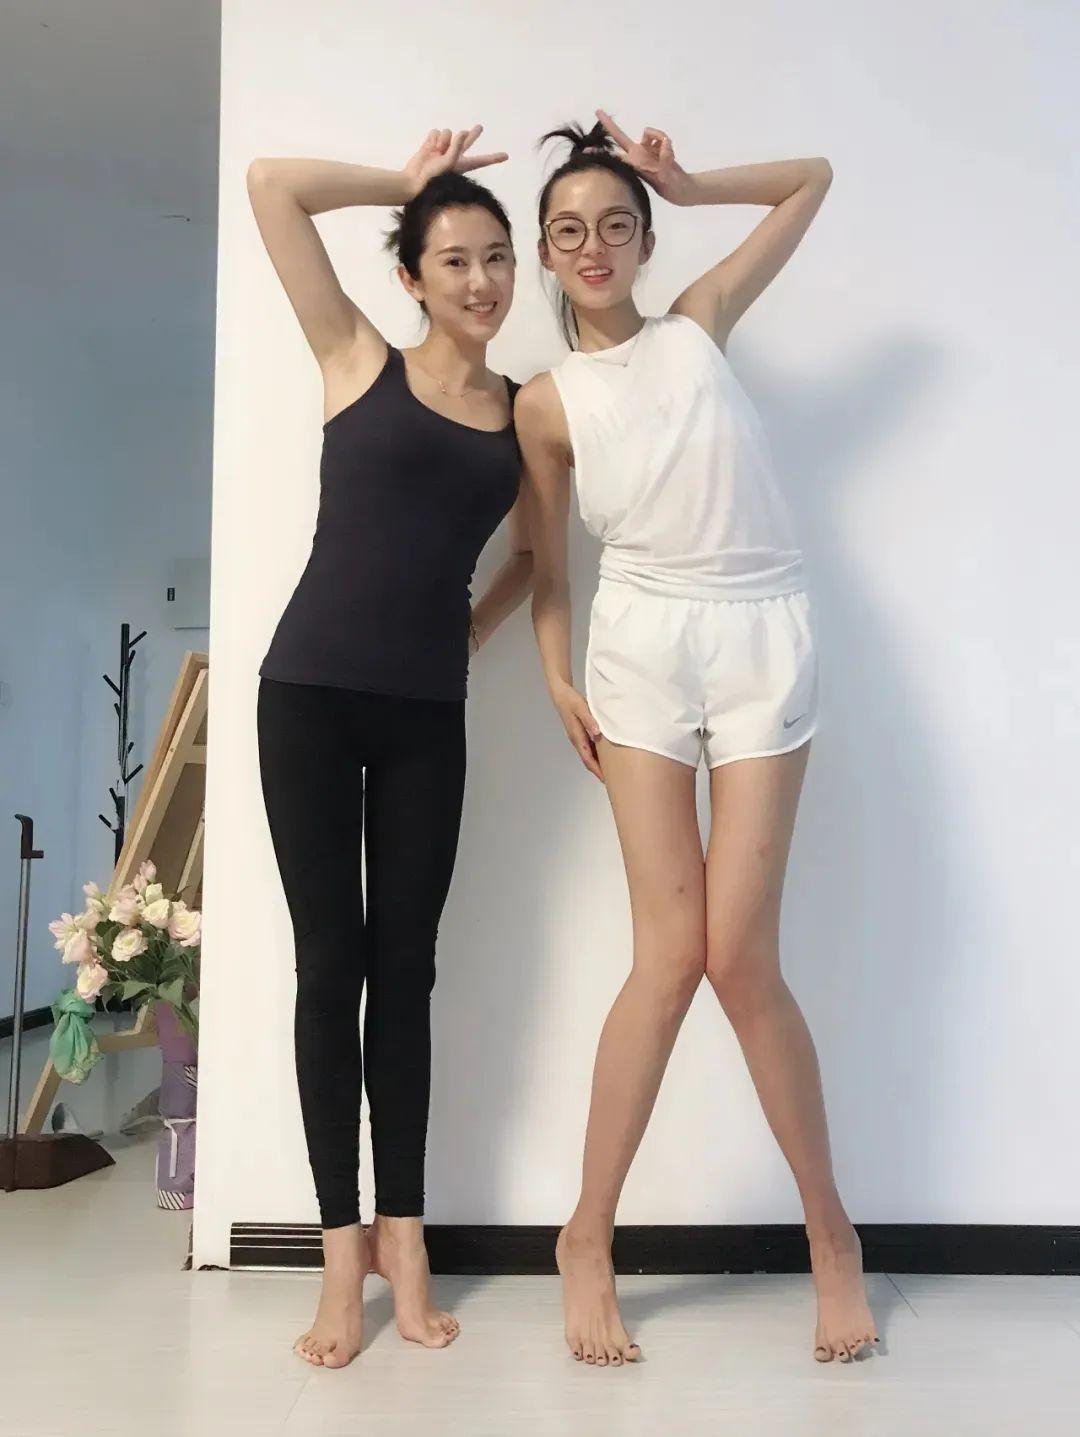 她用亲身经历教你:从158斤到98斤快速瘦不反弹,腰腹臀腿0赘肉!(附赠食谱)-第13张图片-爱课啦